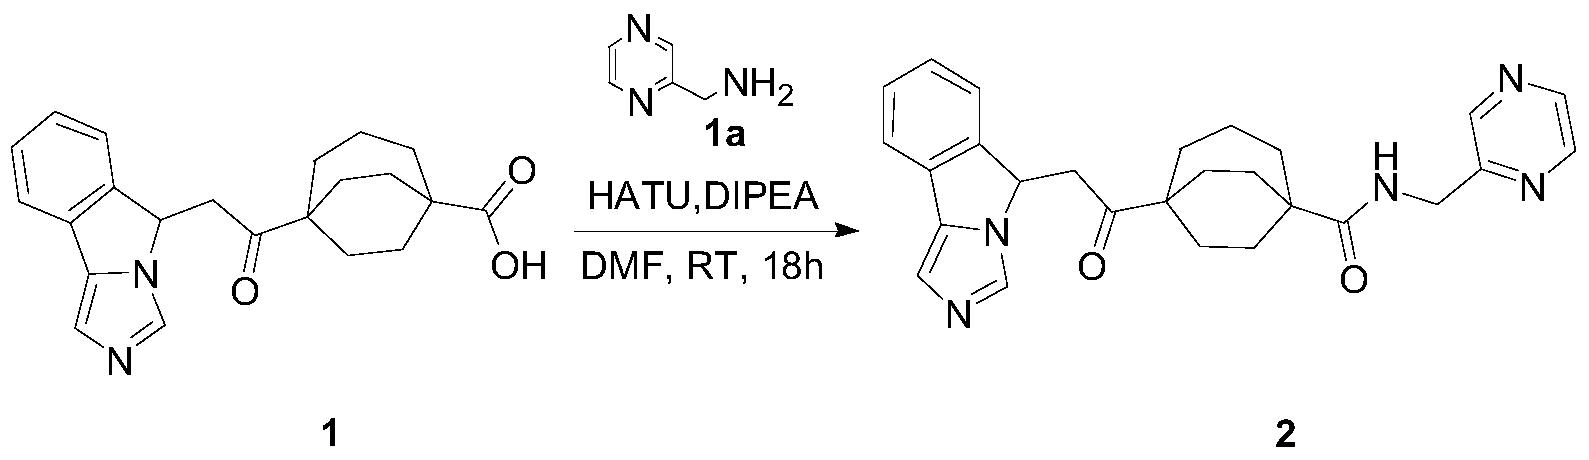 Figure PCTCN2017084604-appb-000093